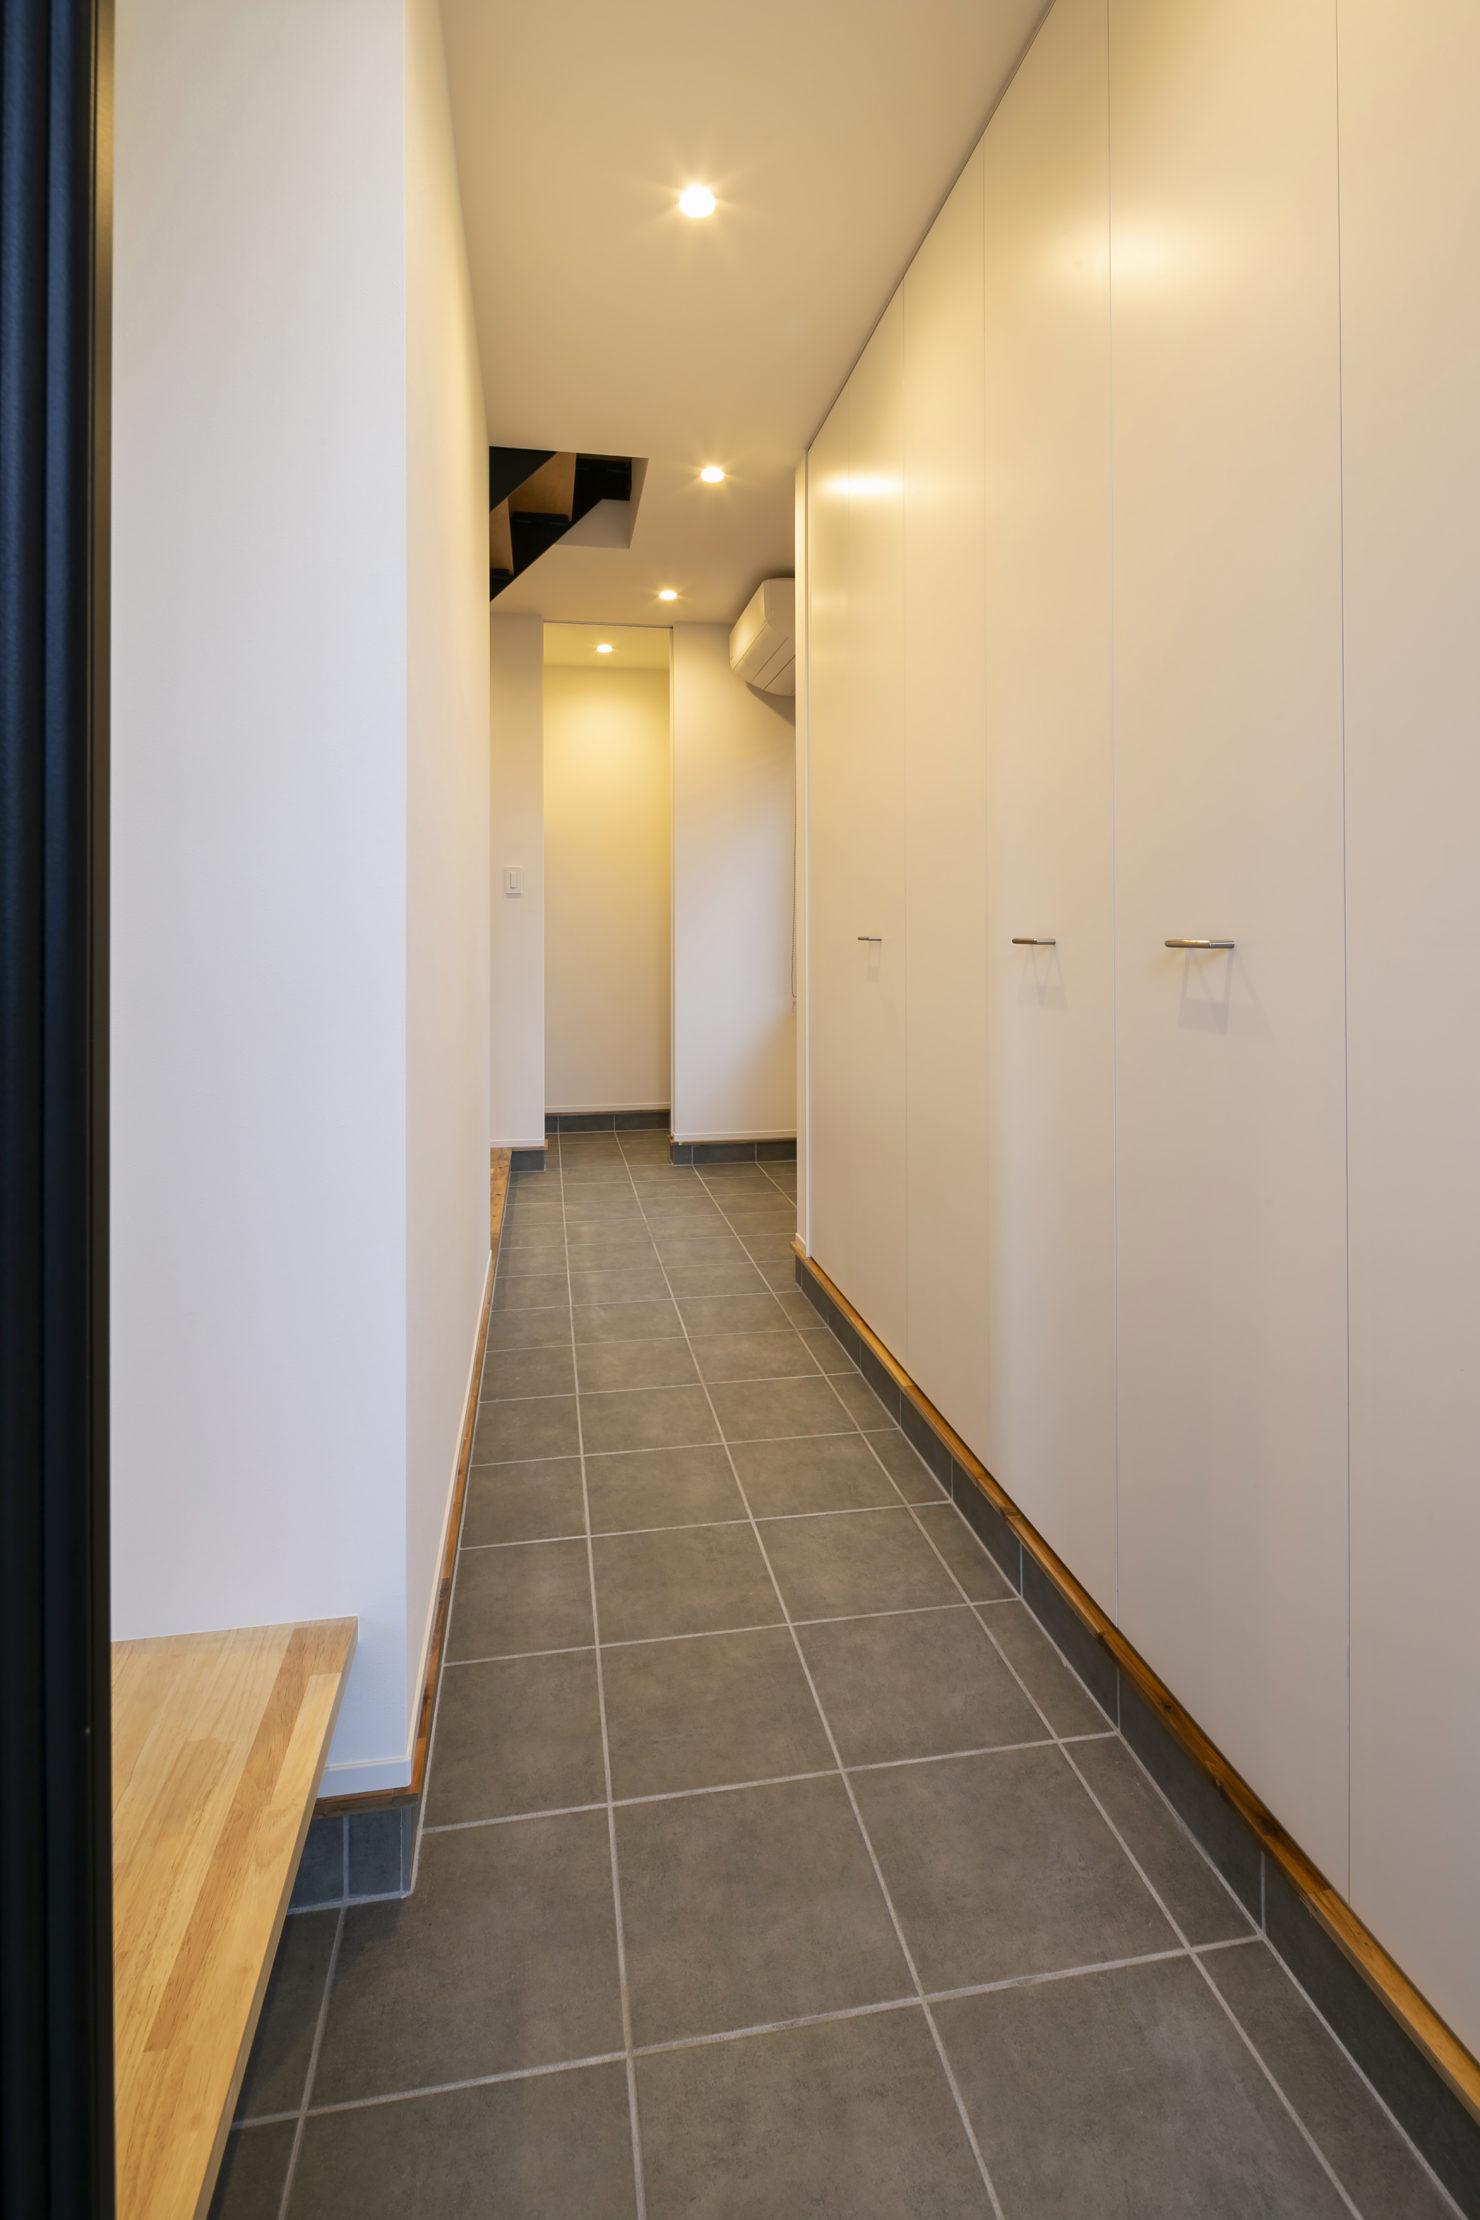 ハウスM21+archi「普段の生活で使いやすく、かつ広く見える工夫を」玄関ホール写真